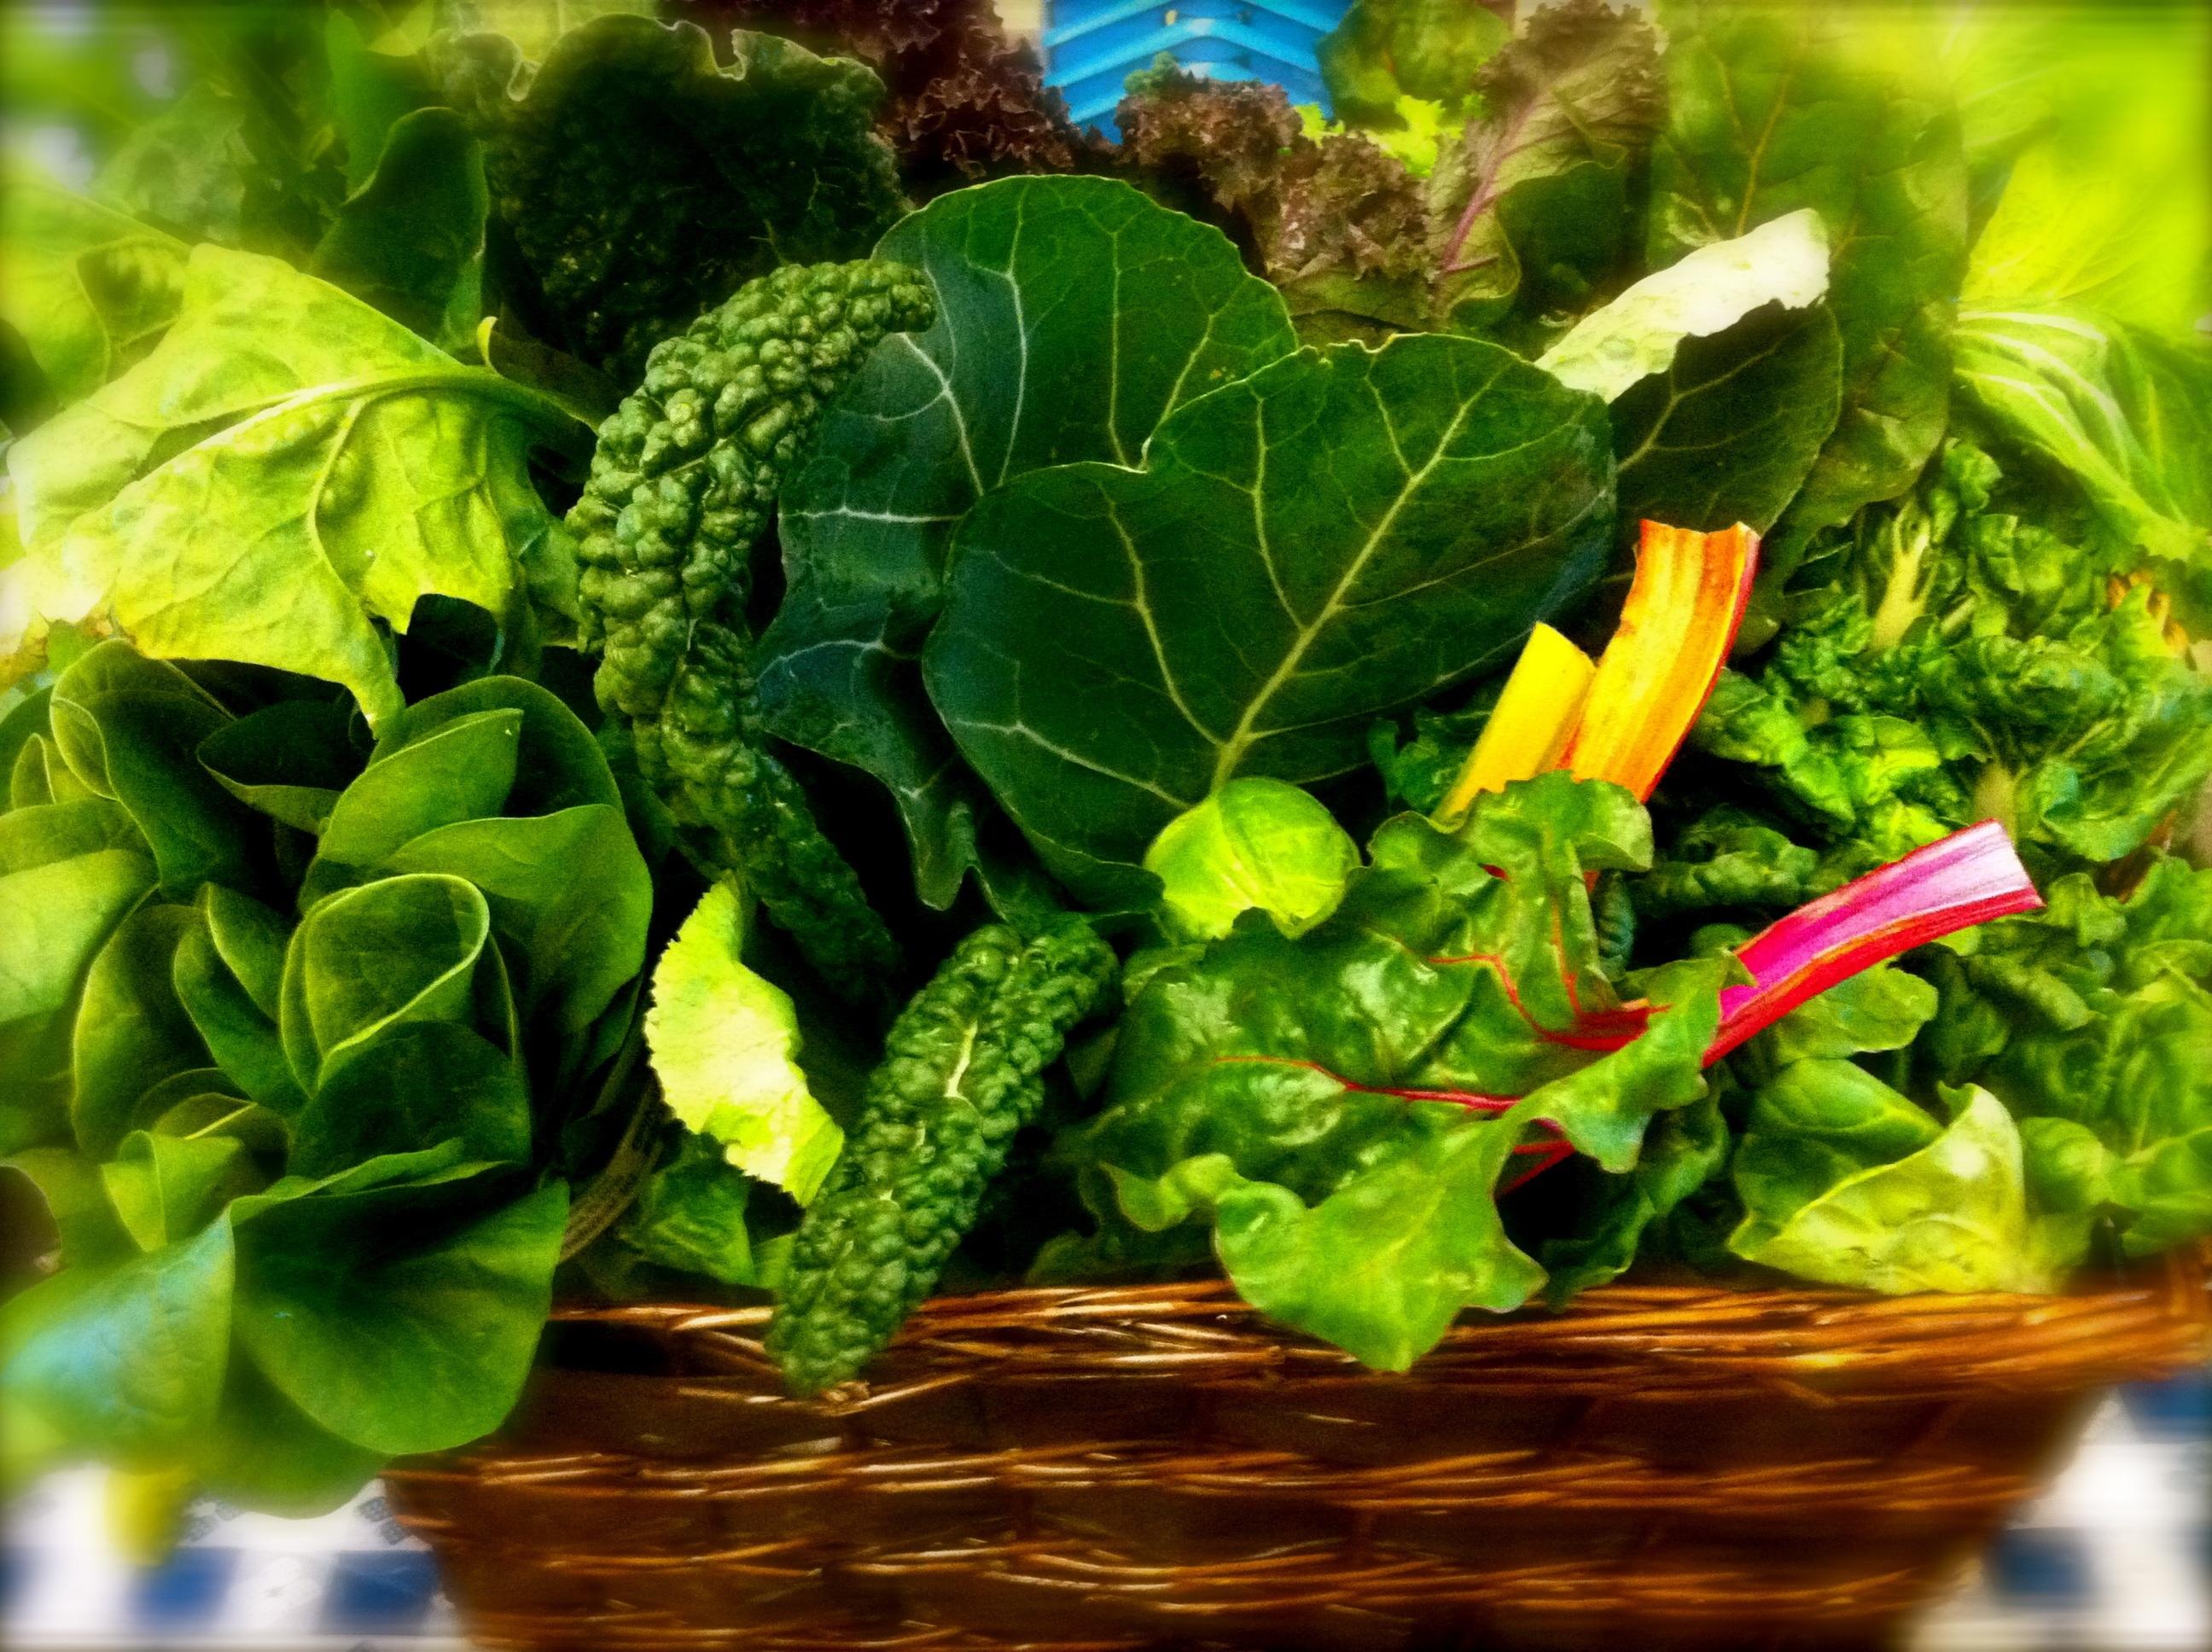 yeşil yapraklı sebzeler şans